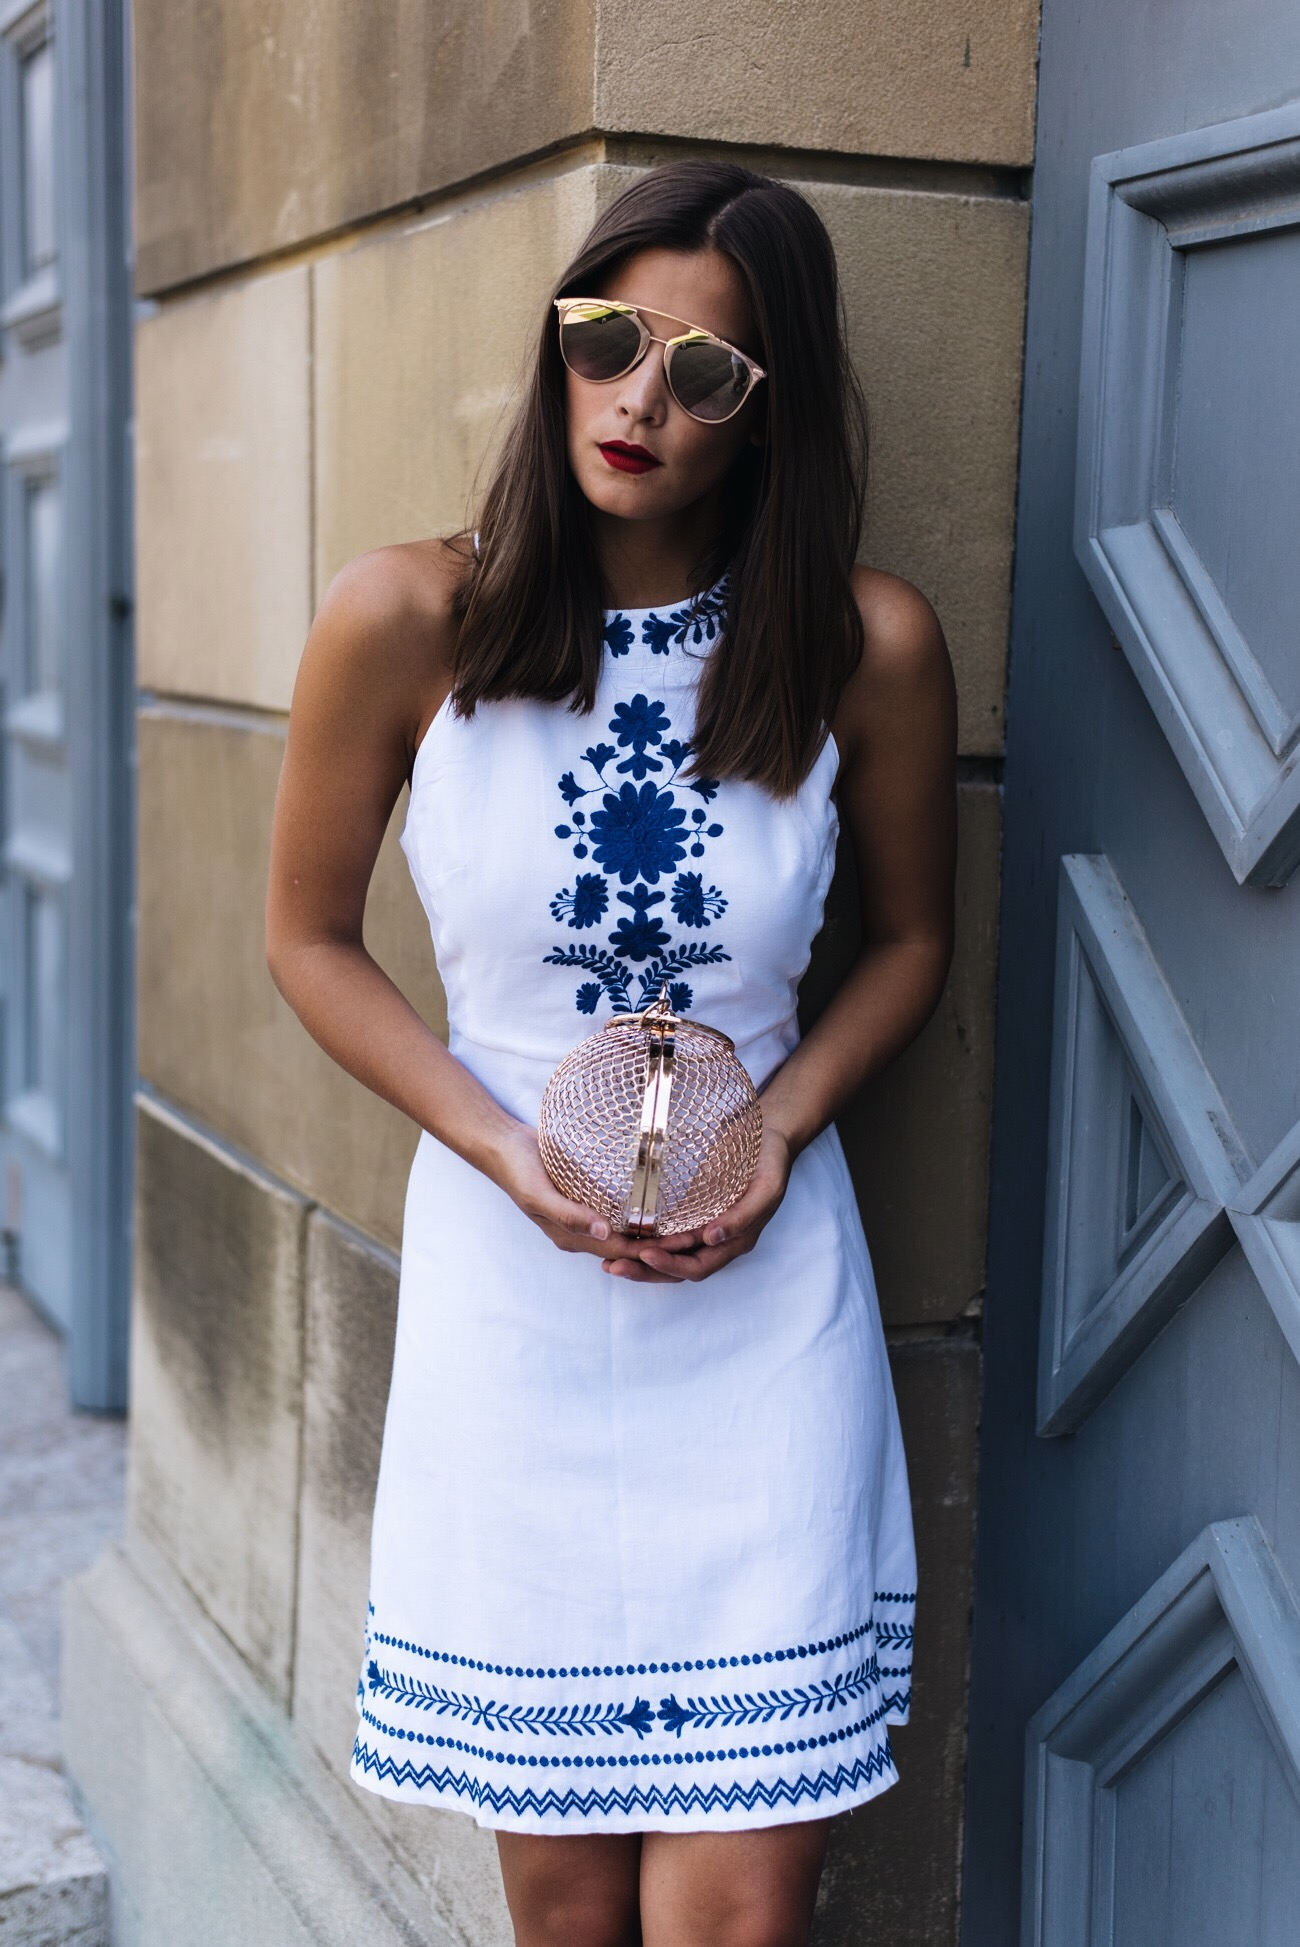 weißes-sommer-kleid-strand-outfit-strandkleid-mit-stickereien-fashiioncarpet.jpg